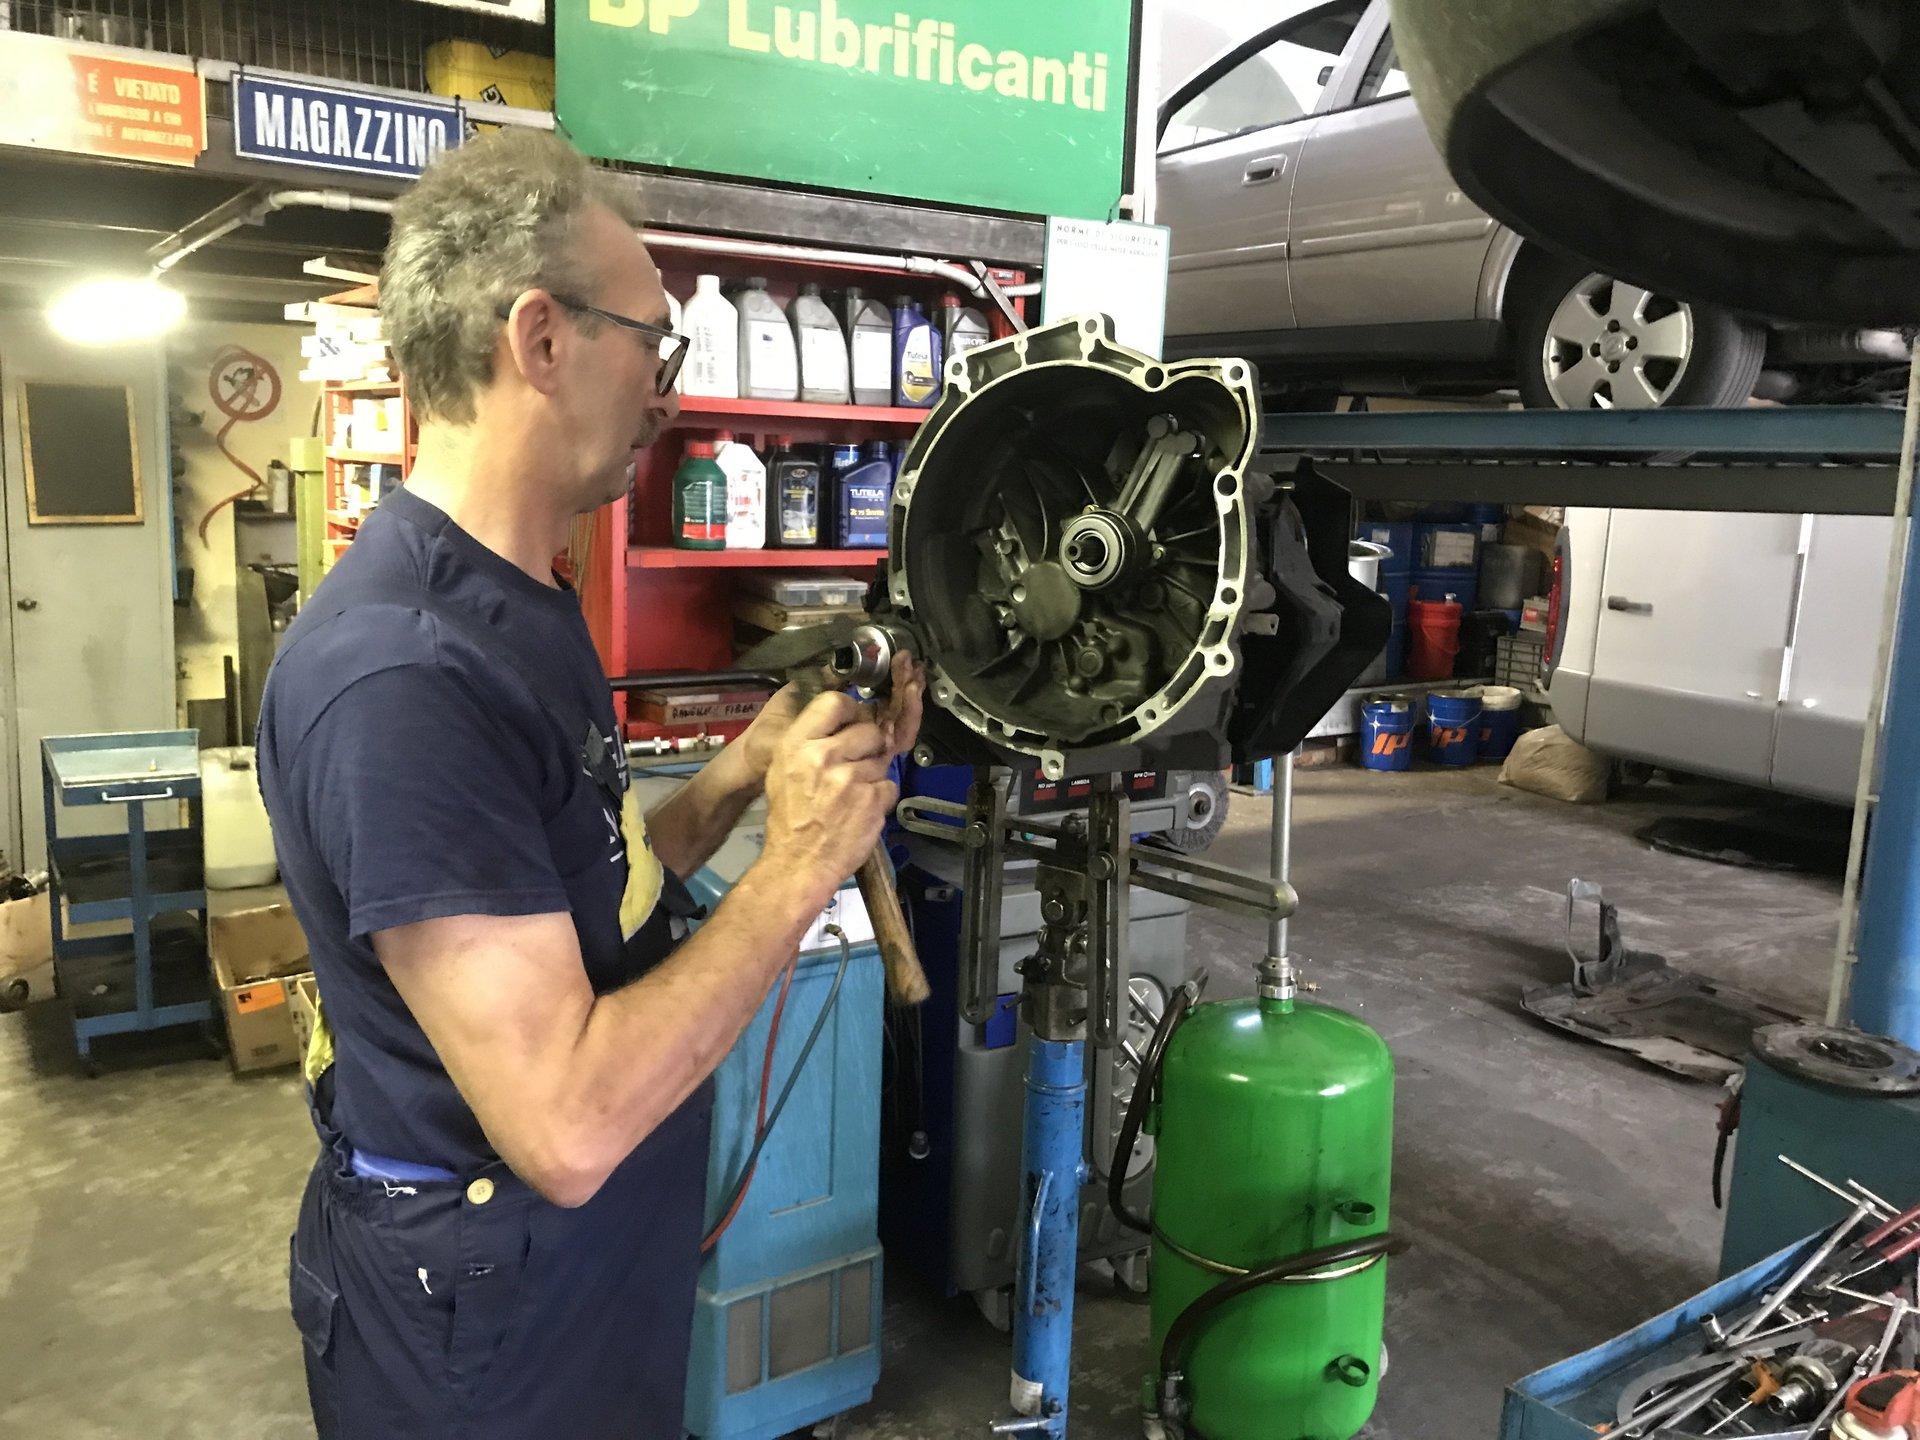 meccanica analizza il disco dei freni di un'auto